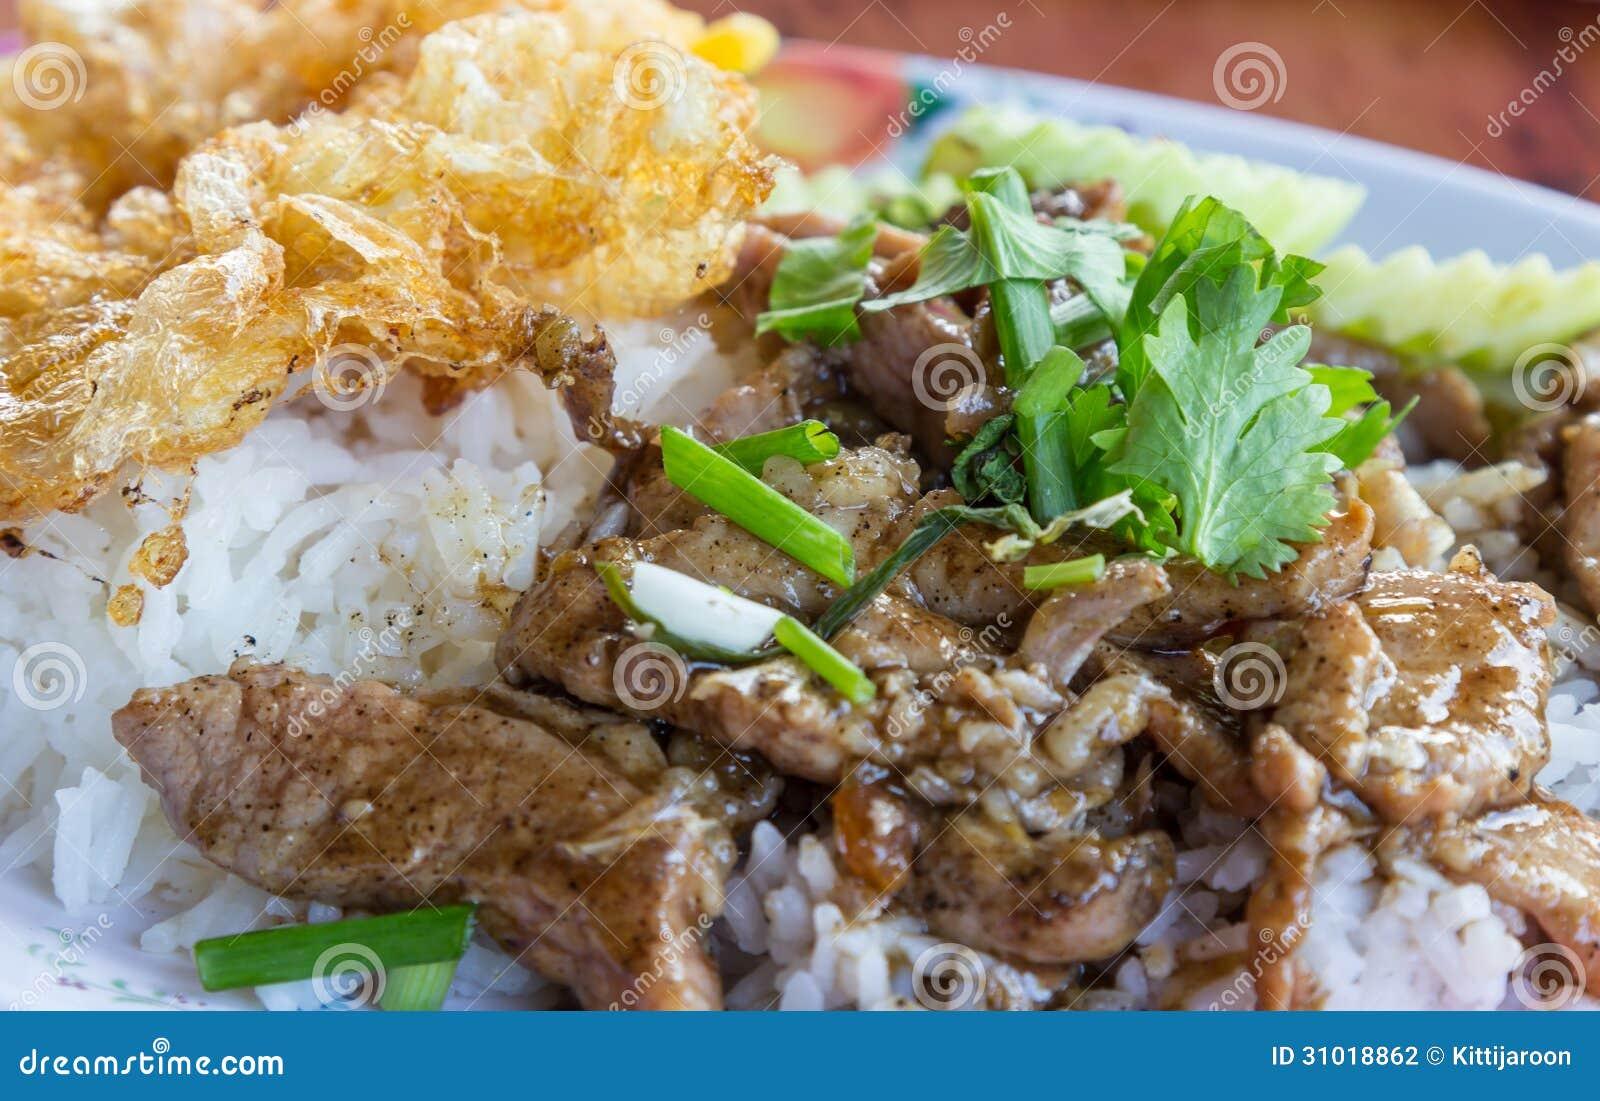 Cerdo frito con ajo y el huevo en el arroz